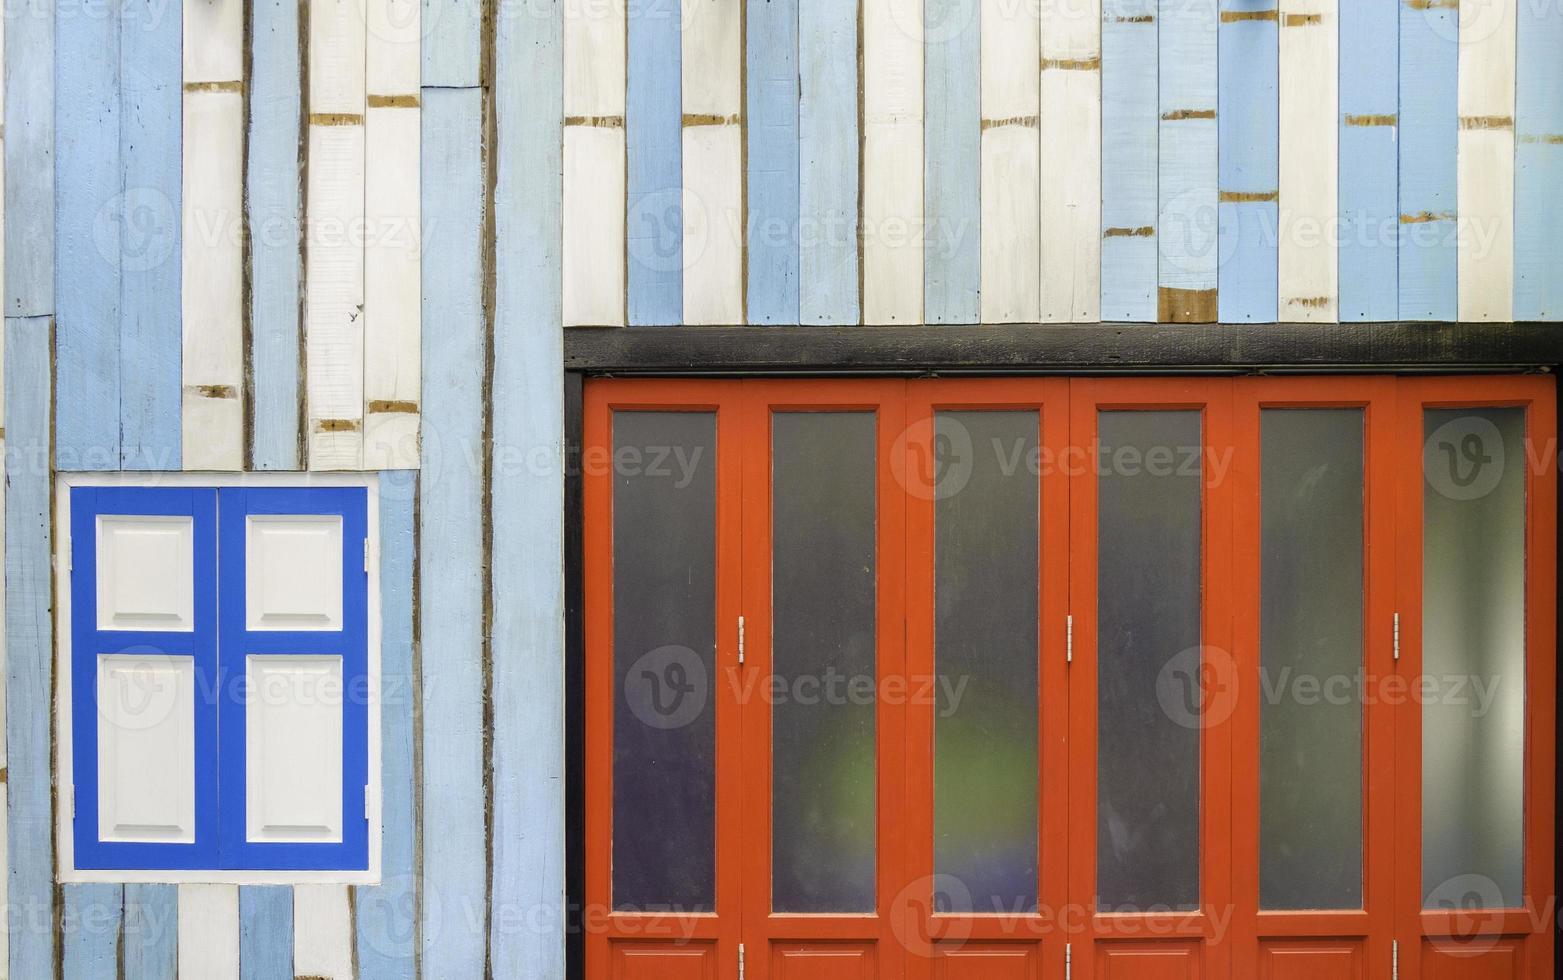 voorkant van een huis geschilderd in patronen en kleuren foto